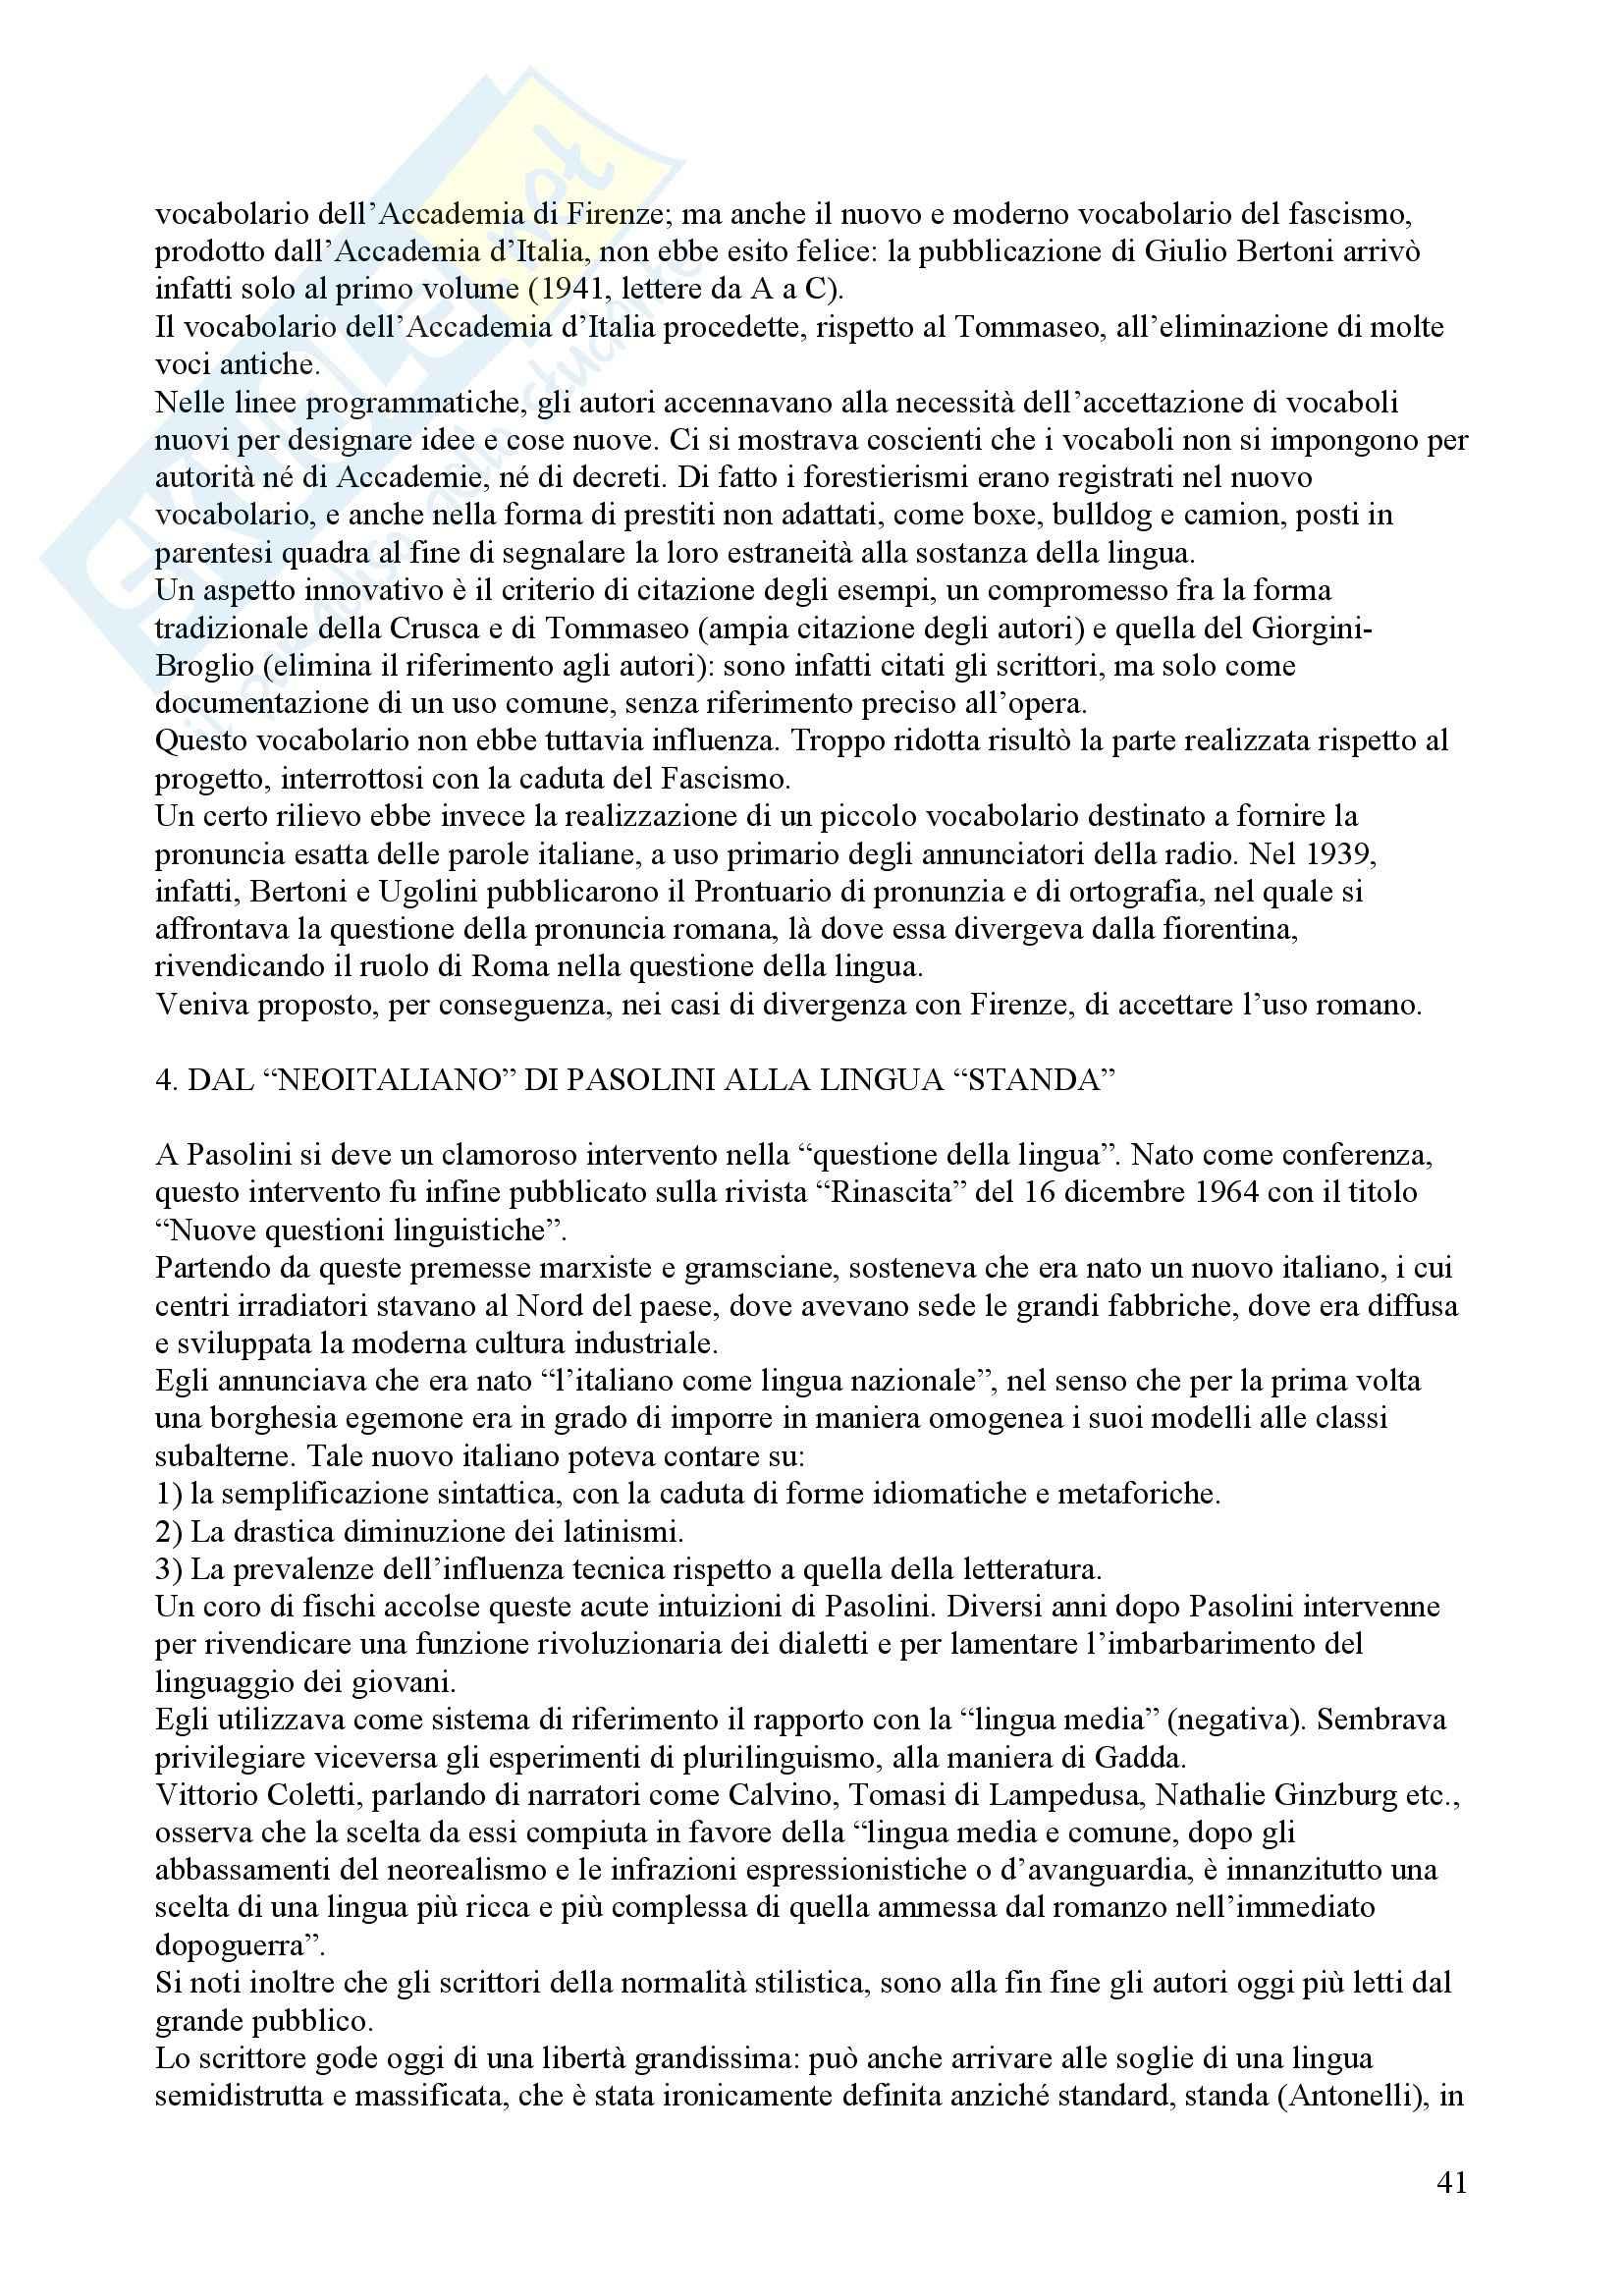 Tecniche espressive e composizione testi in italiano - Claudio Marazzini - breve storia della lingua italiana Pag. 41